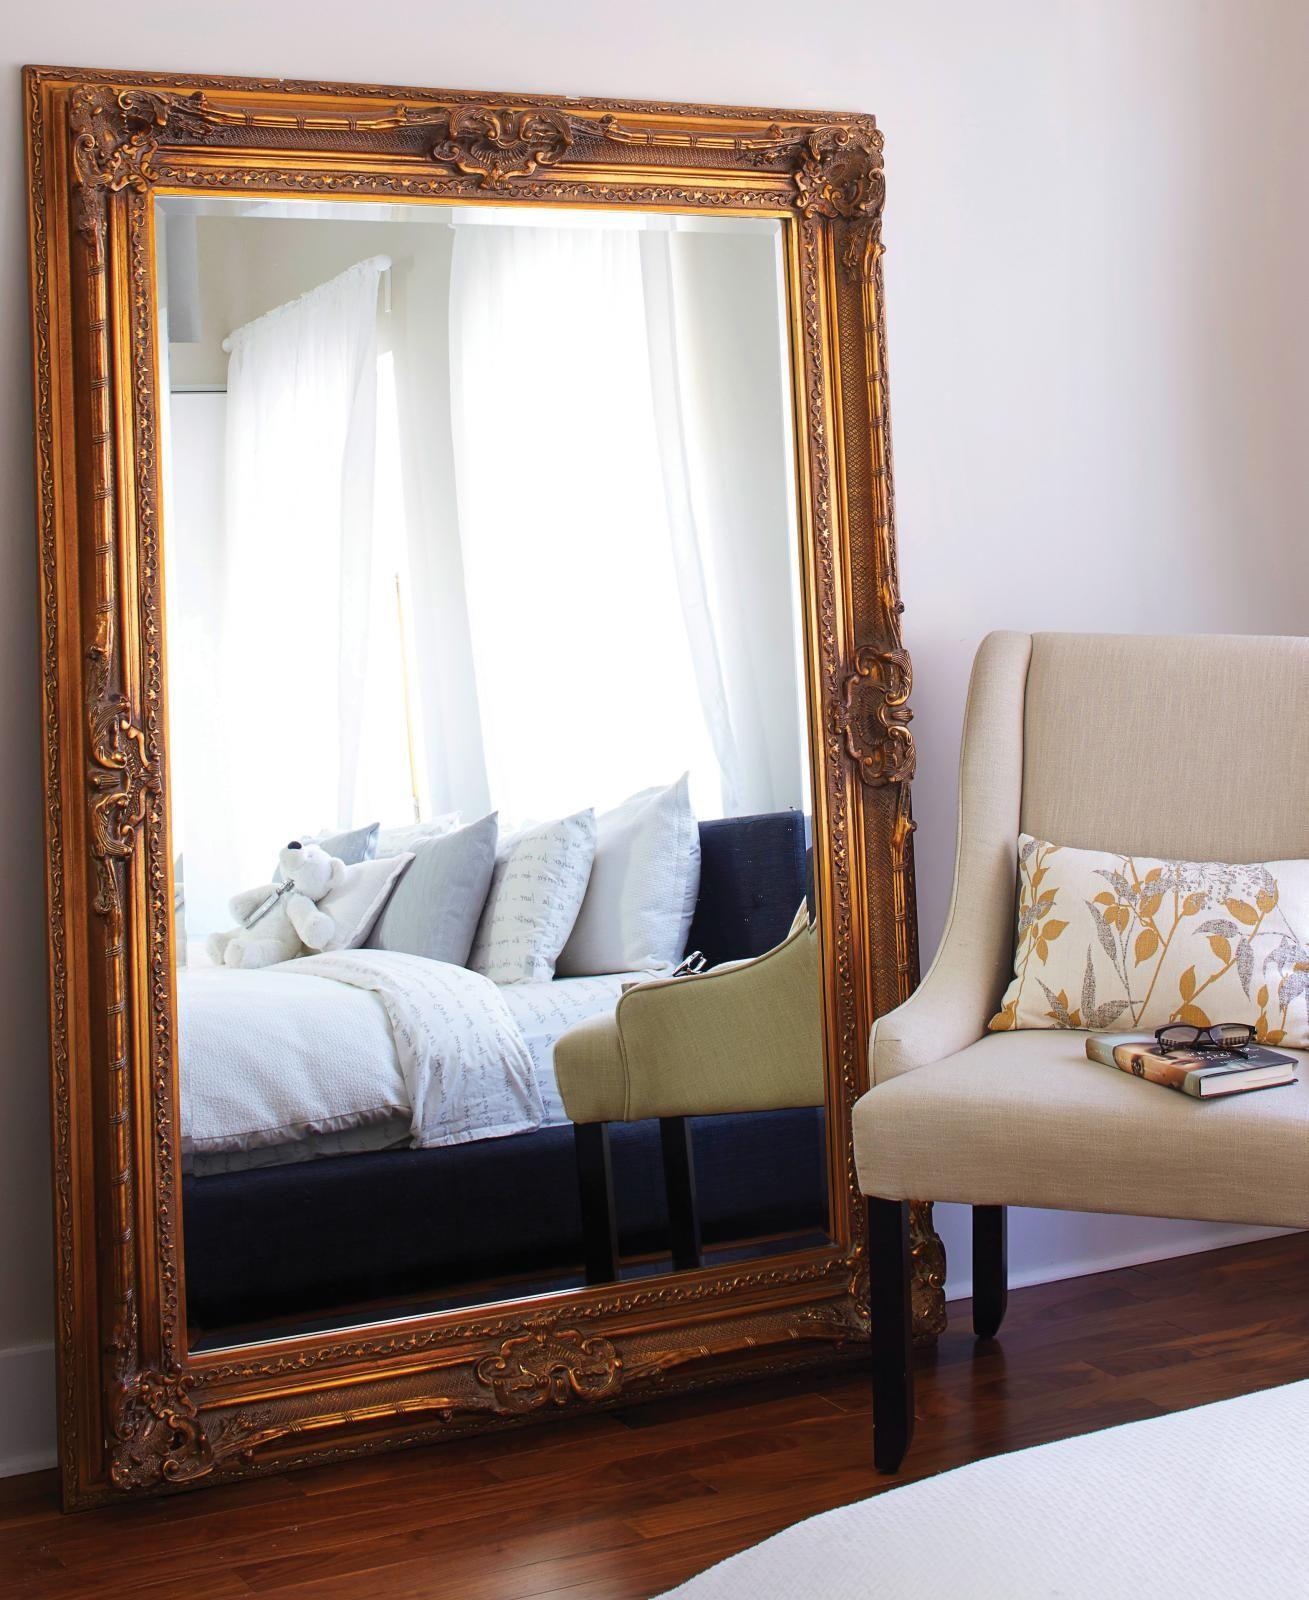 maison unifamiliale la fibre urbaine grands miroirs miroirs et le sol. Black Bedroom Furniture Sets. Home Design Ideas